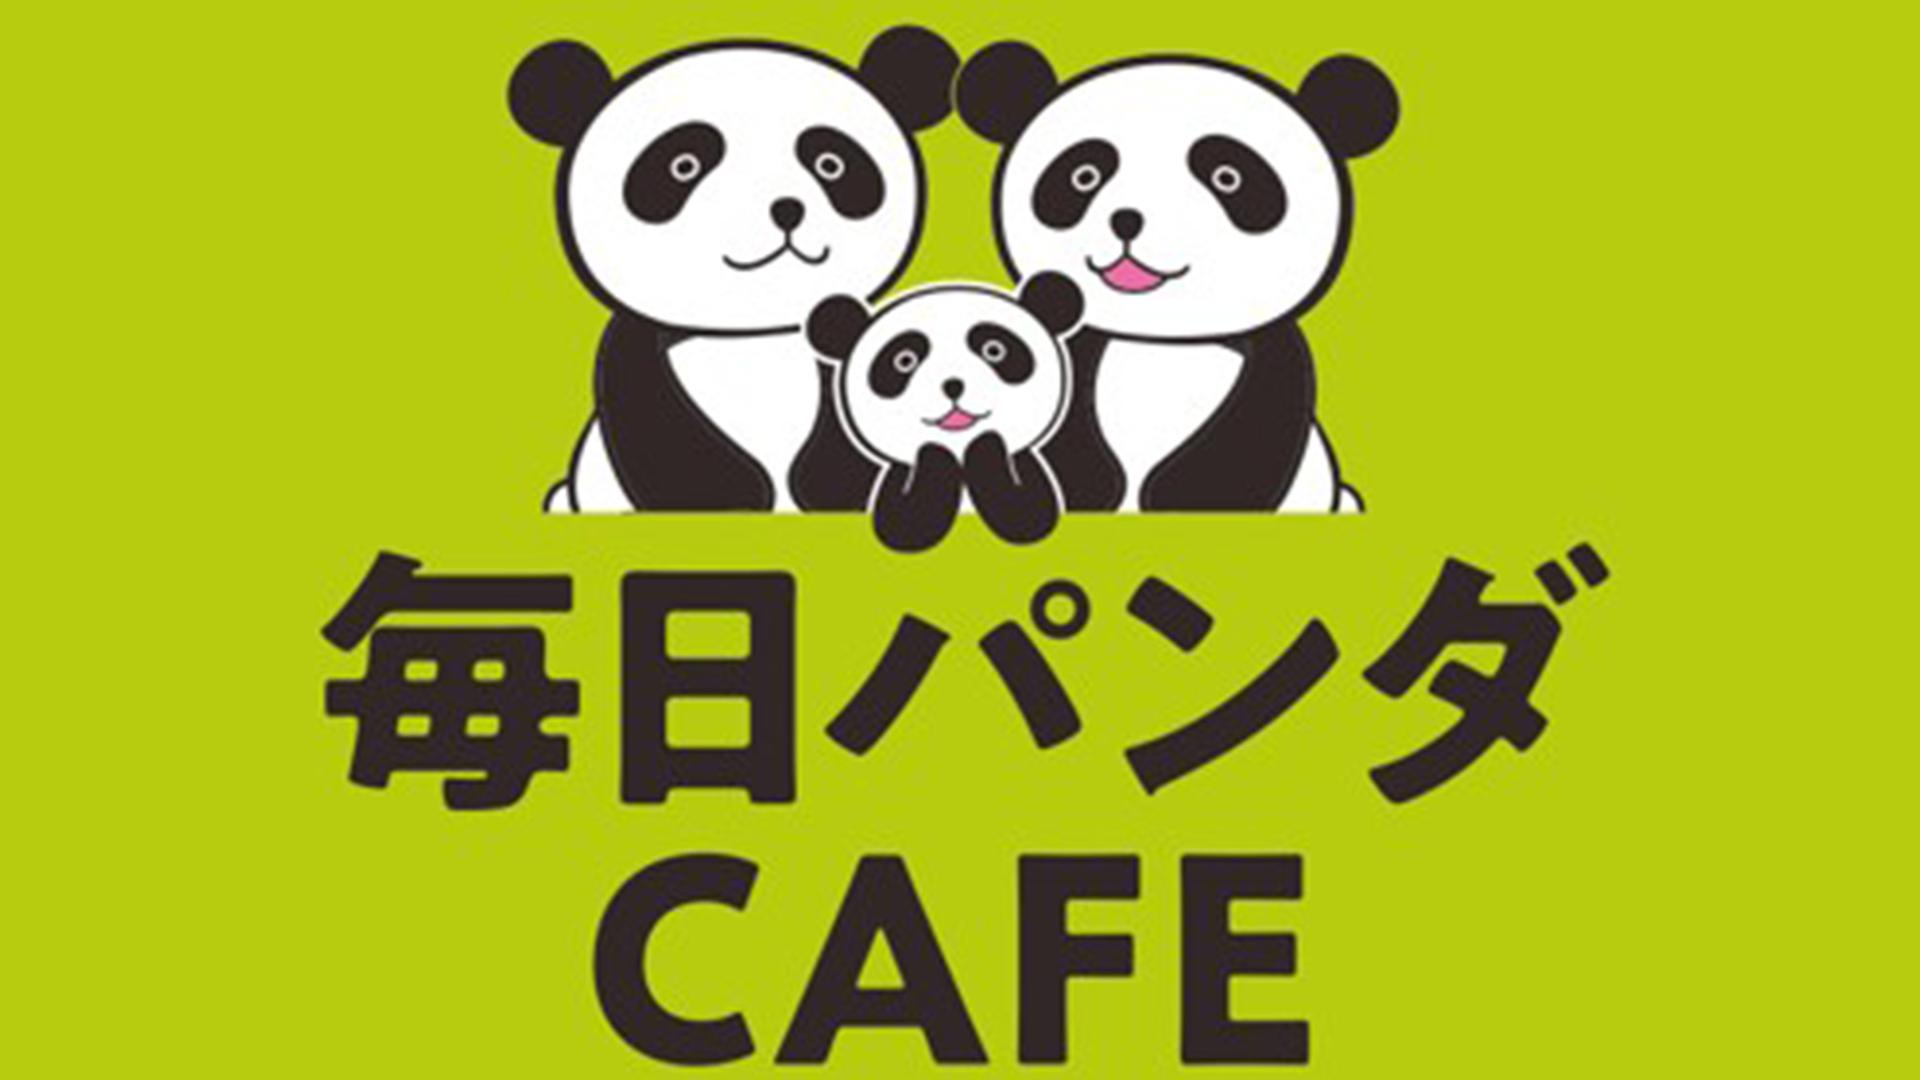 【パンダファン必見のカフェ 初のロングラン開催!】他、新着トレンド9月30日